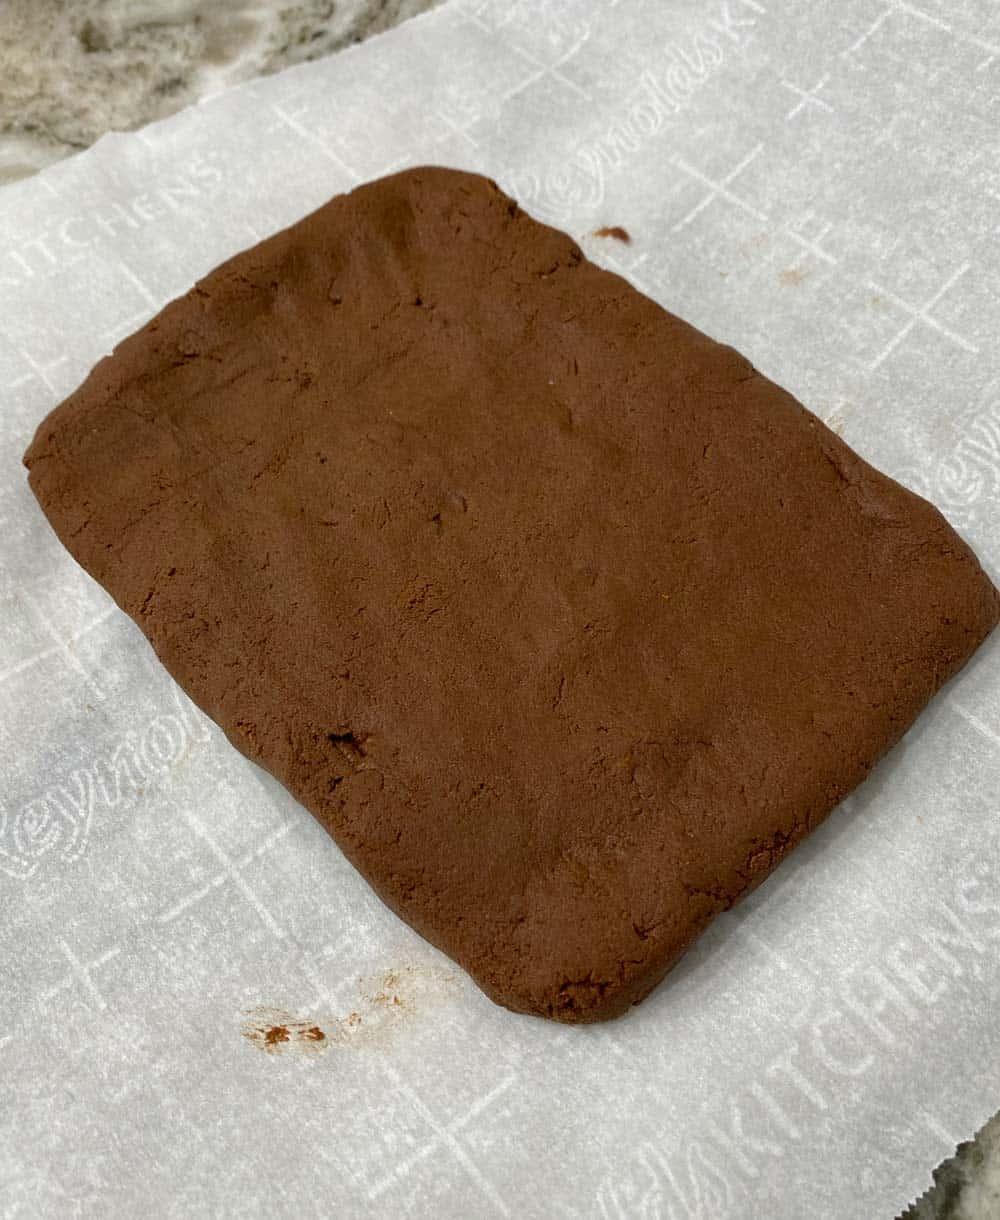 Vegan brownie dough